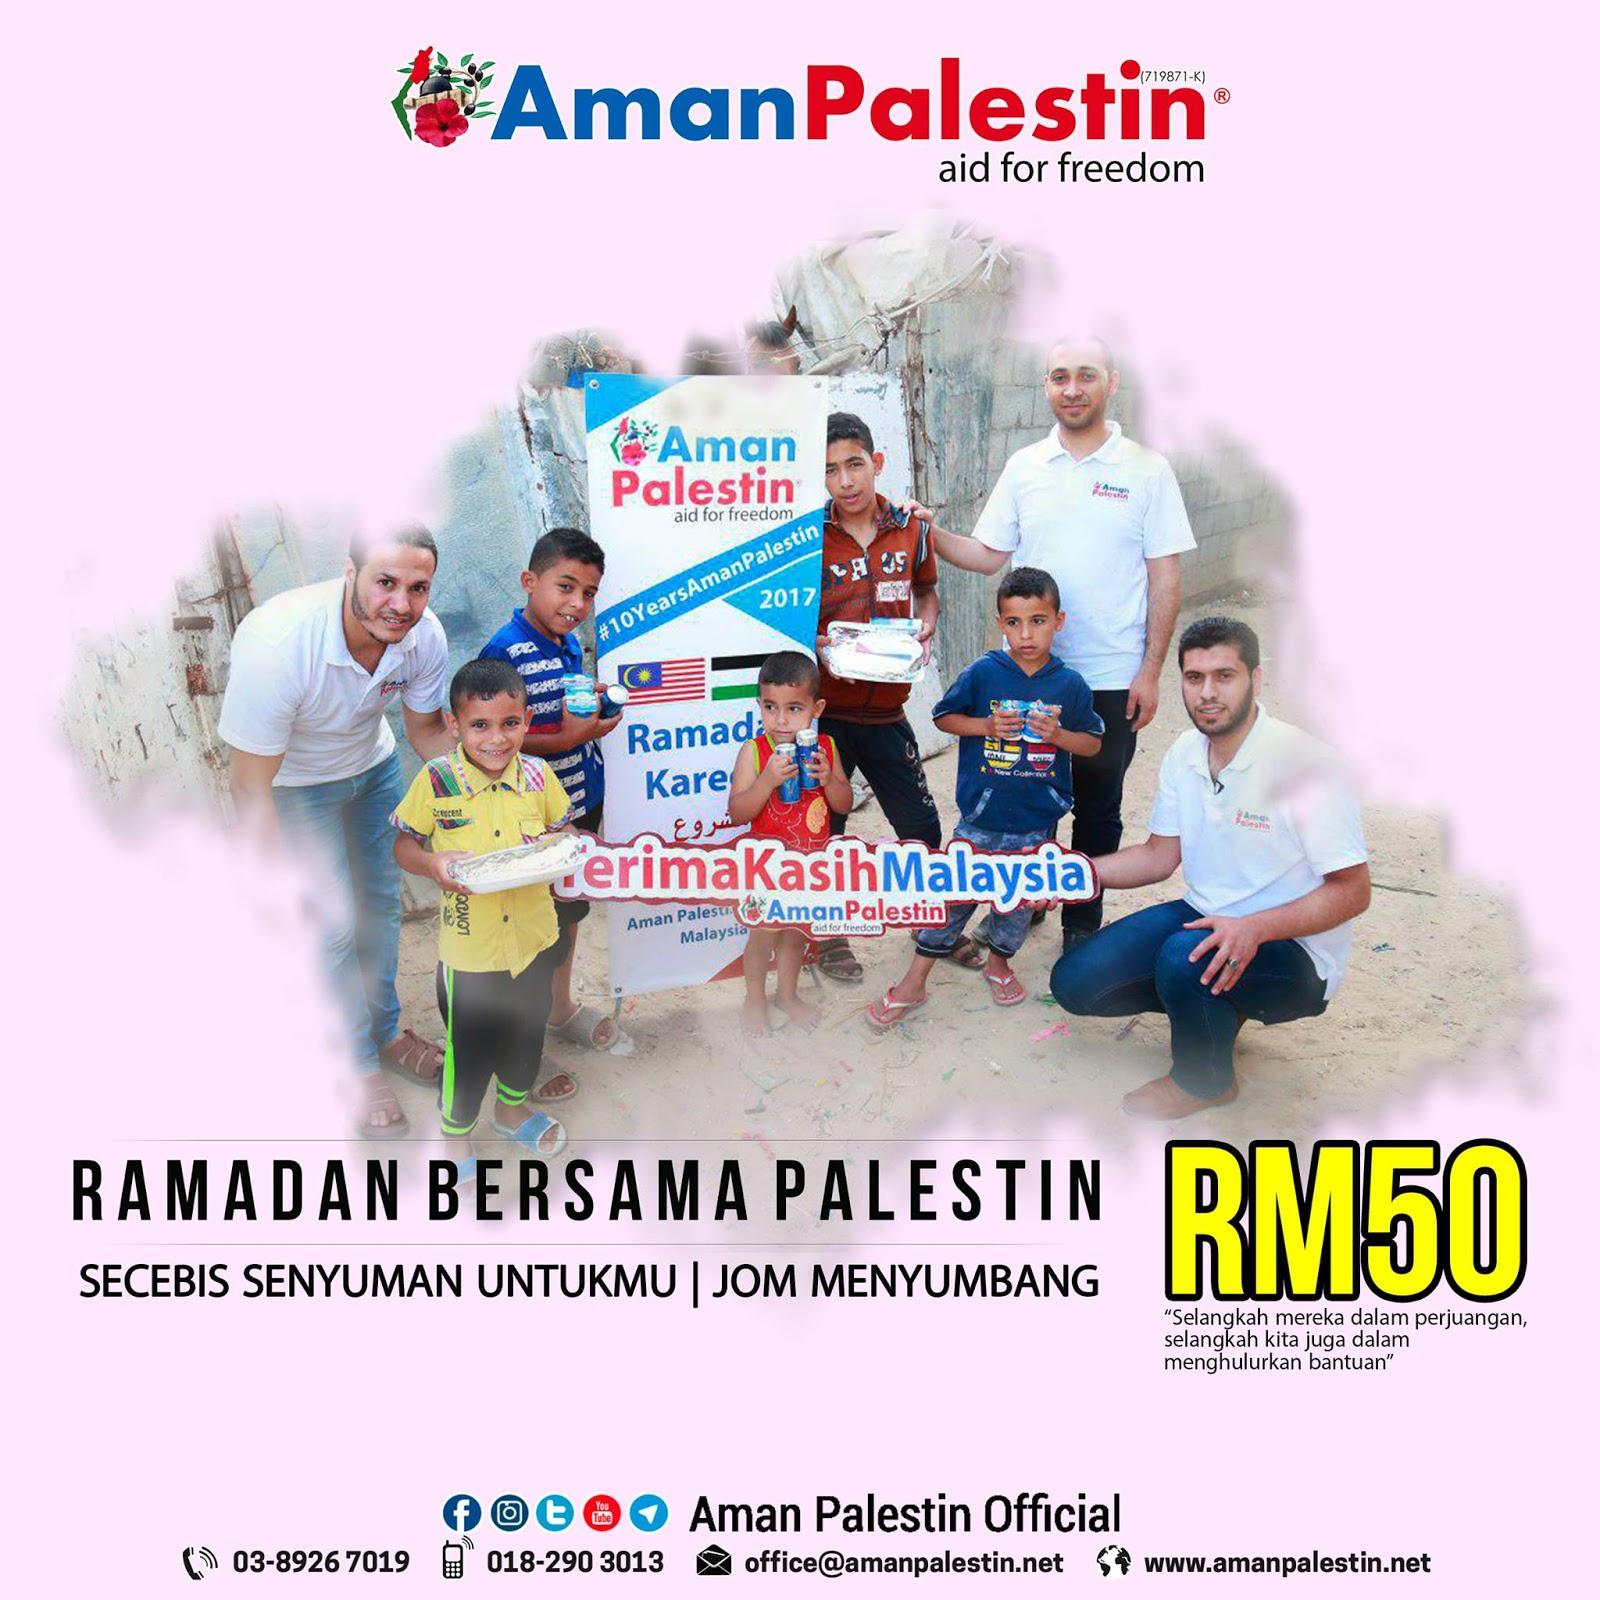 aman palestin 2018